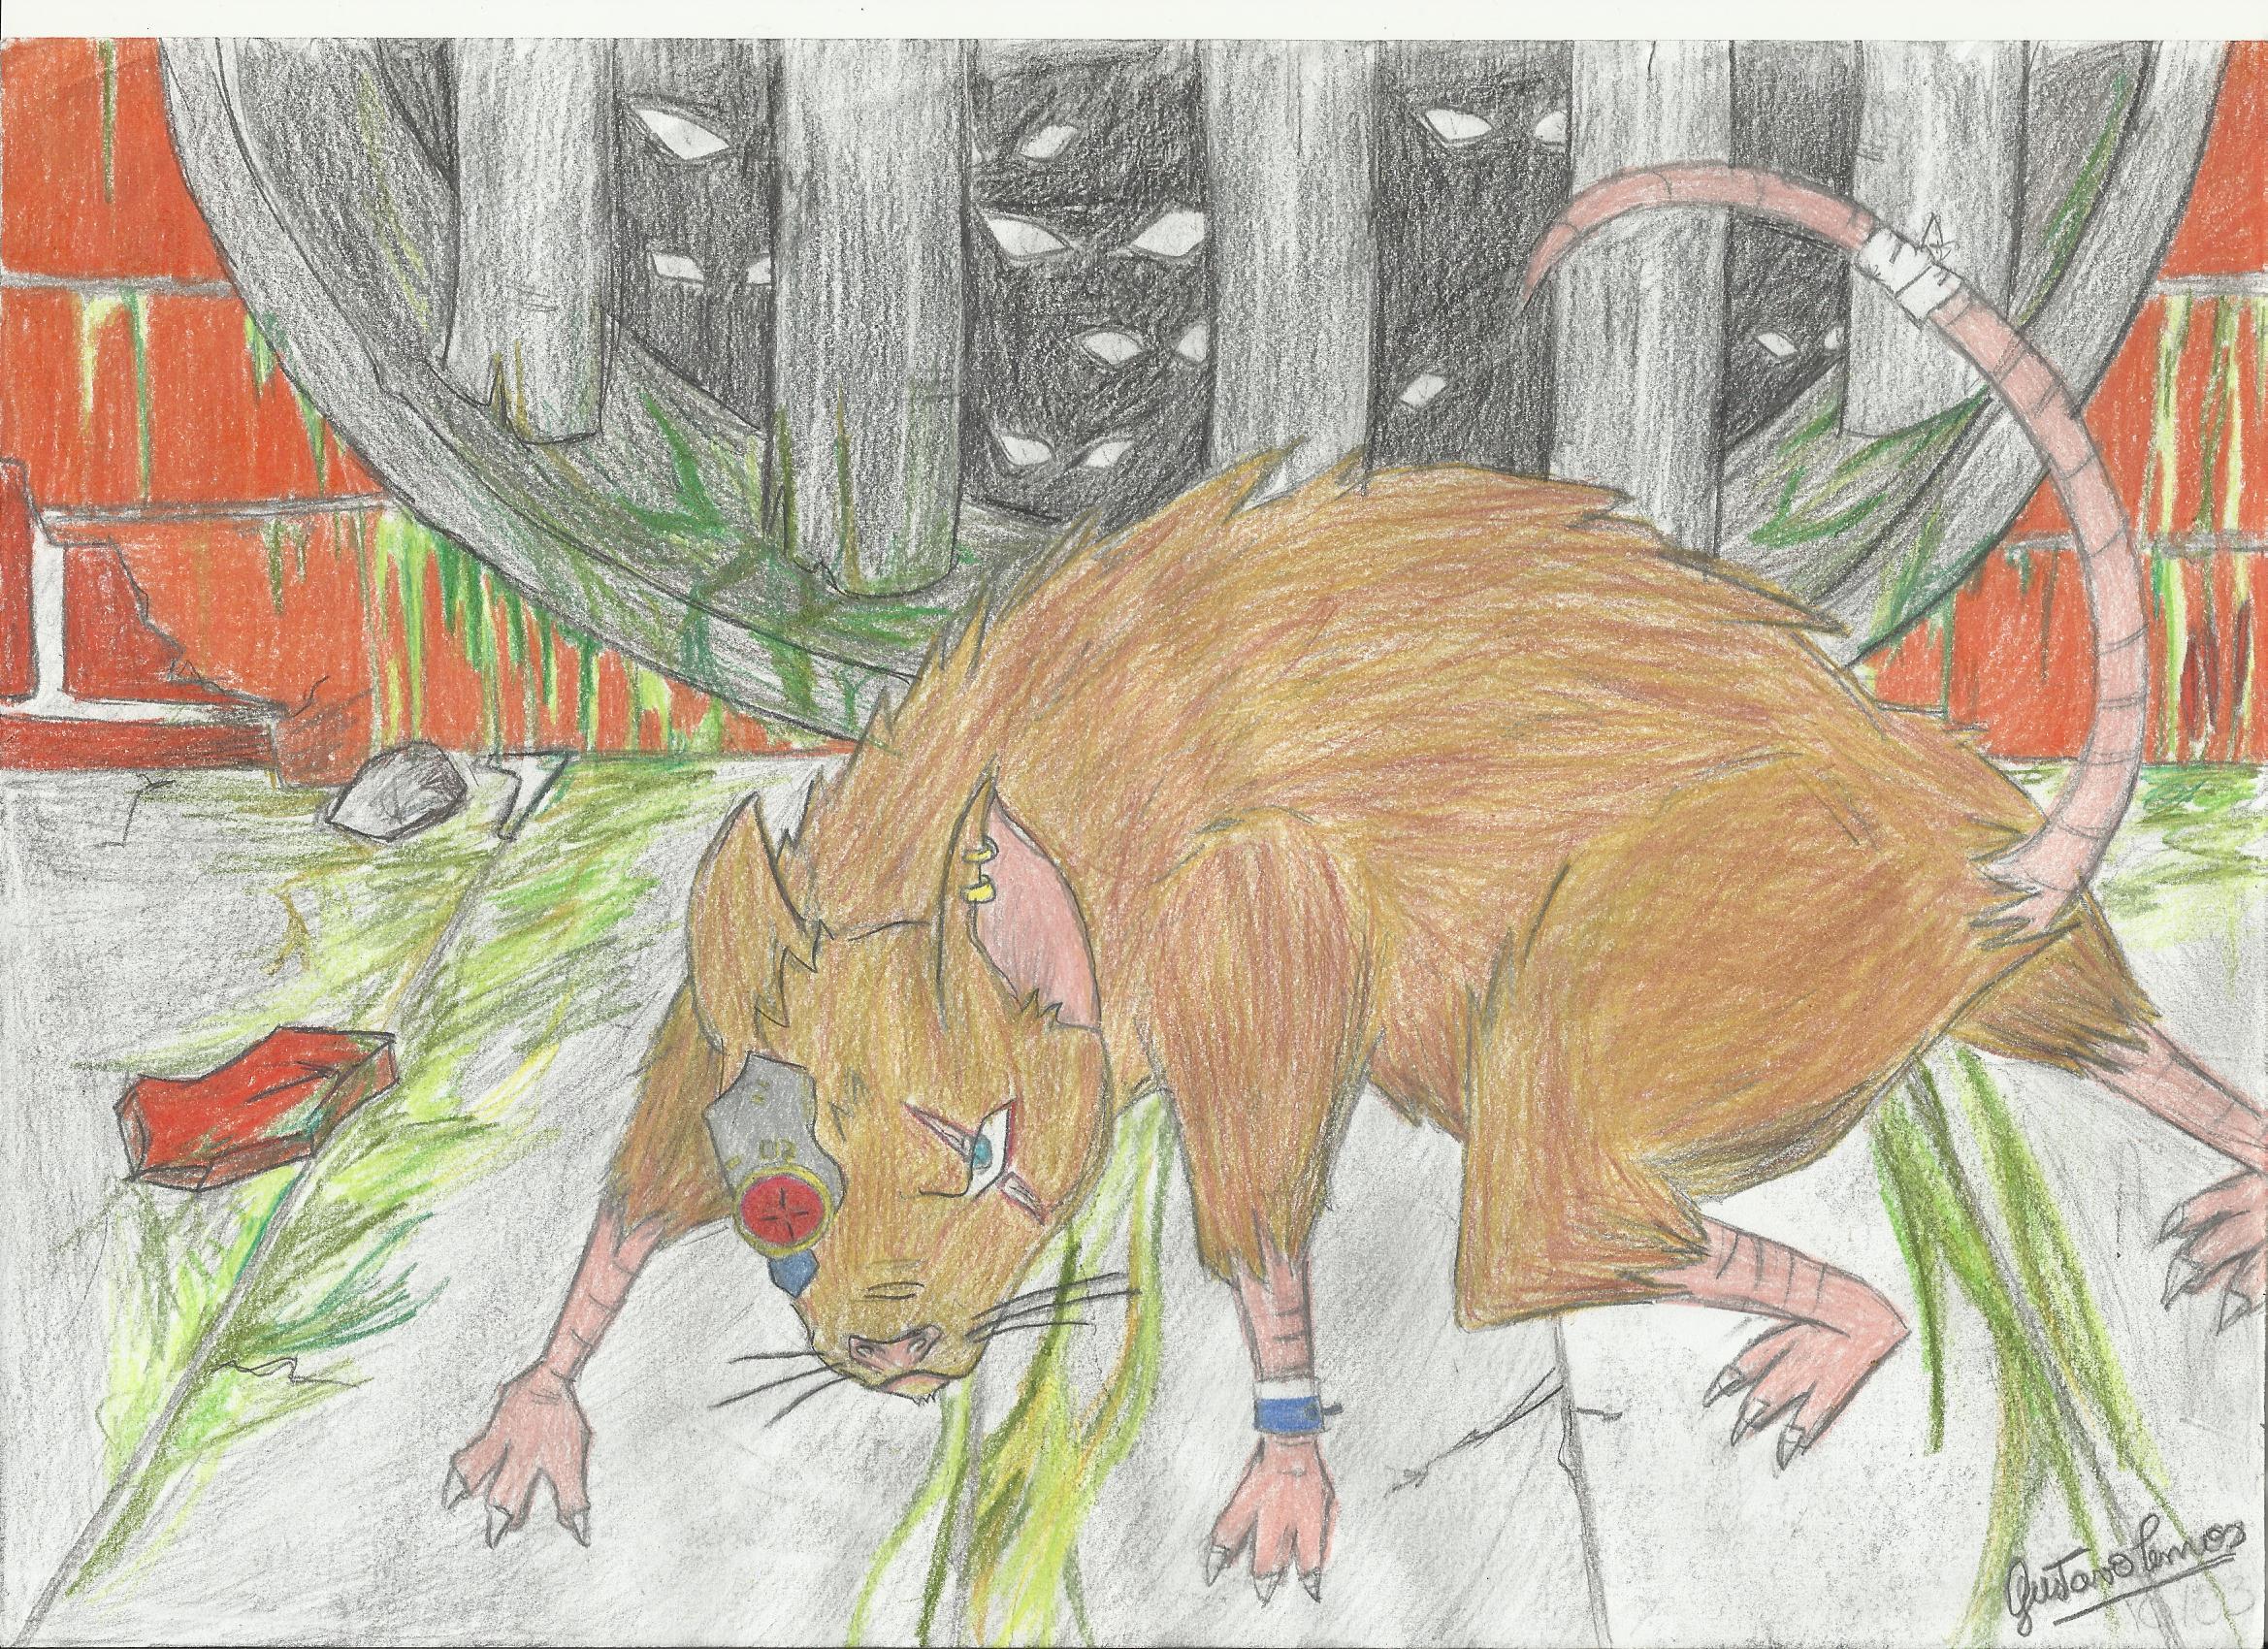 Rat-A-Zanna